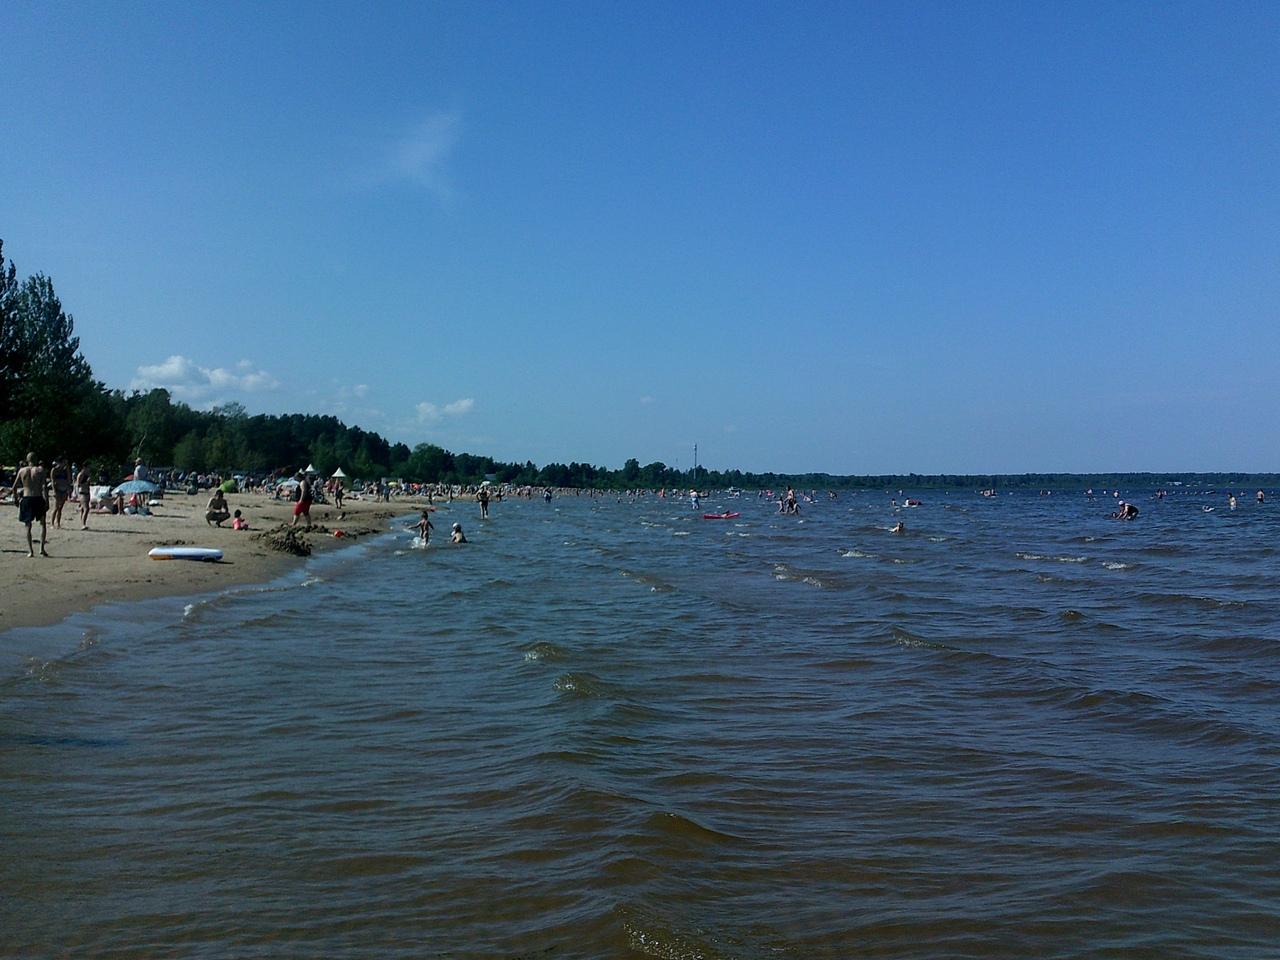 Ладожское озеро в Коккорево - курортный рай. И 101-я дальнобойная батарея, защищавшая Ленинград